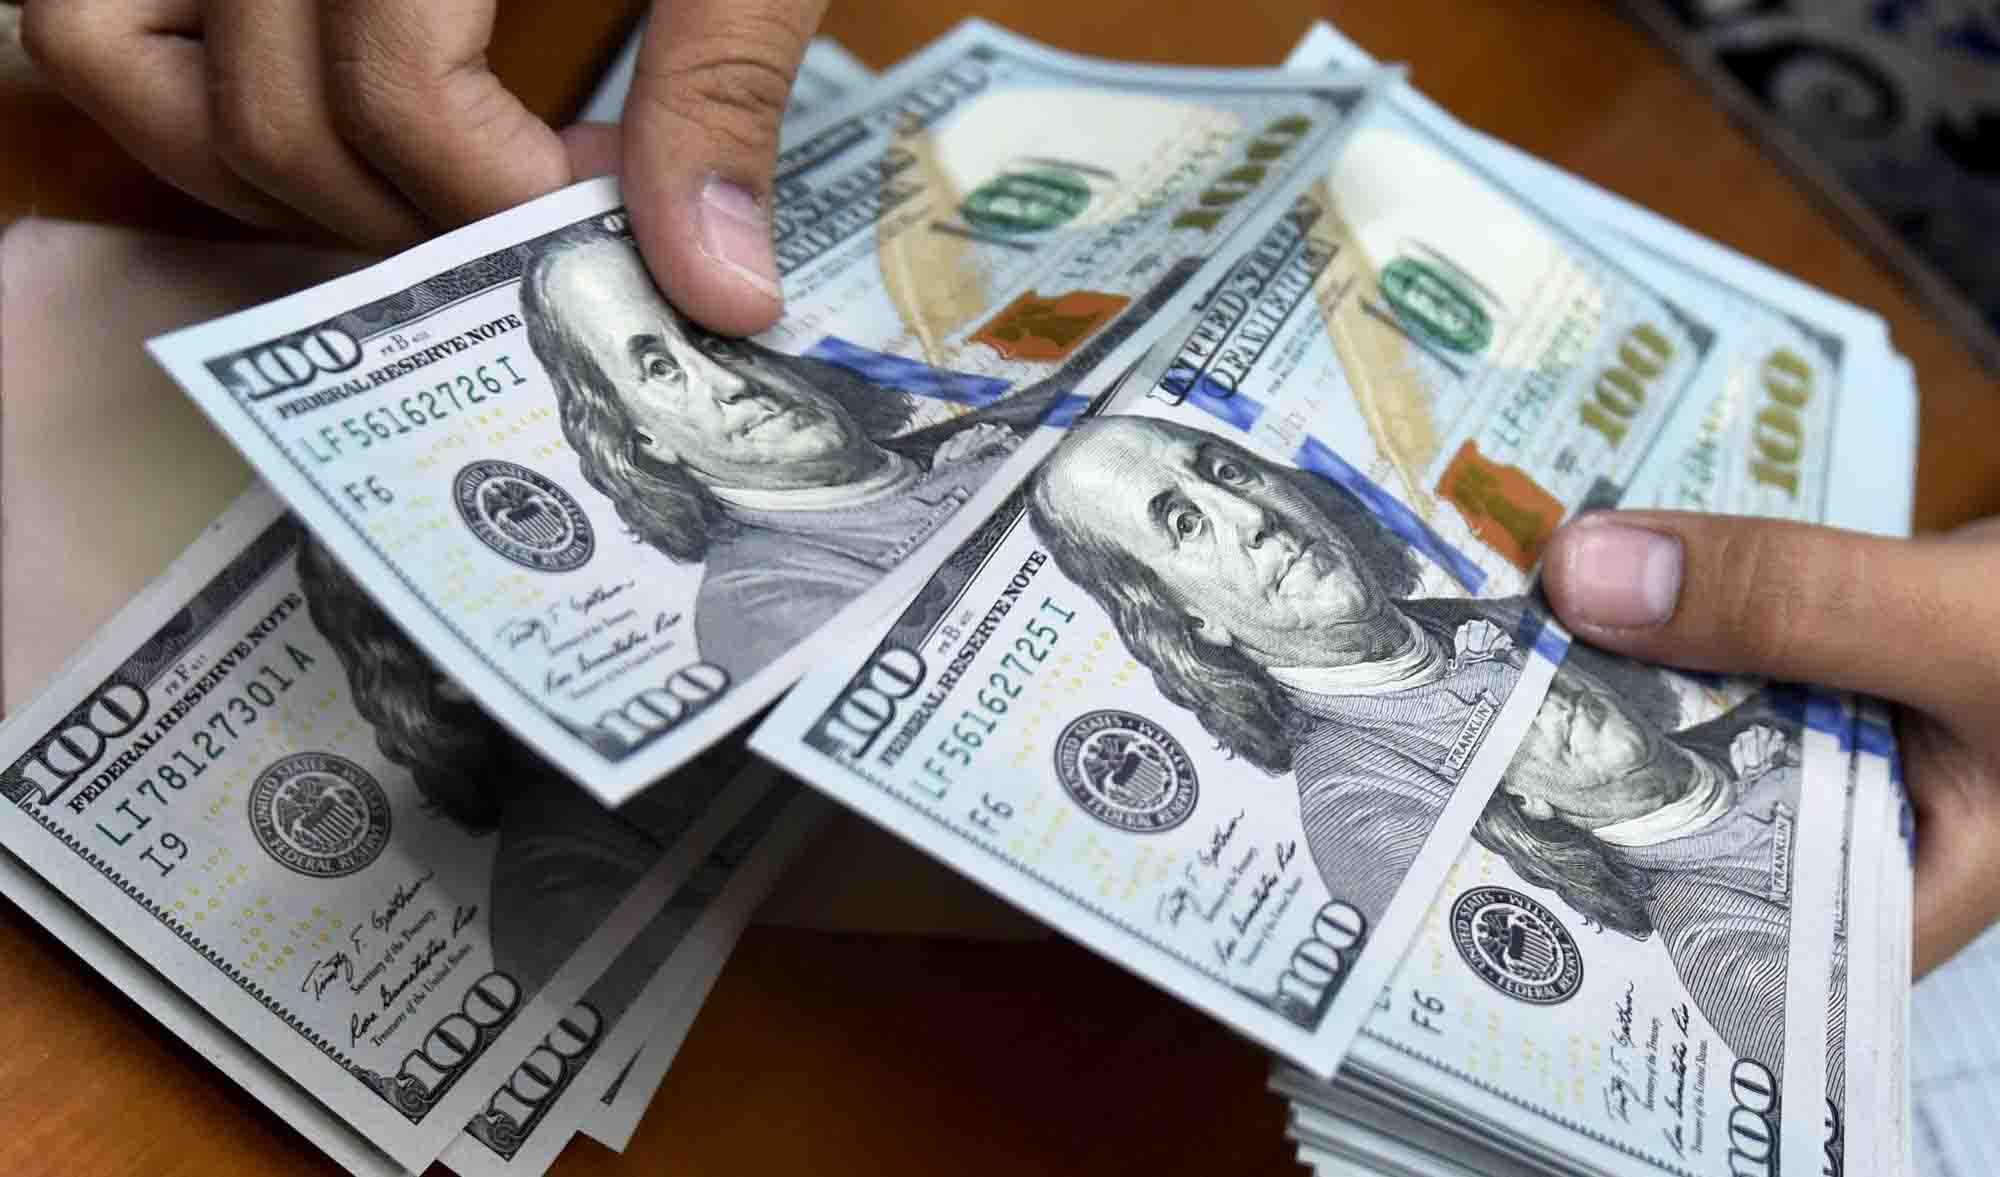 نرخ ارز در بازار آزاد امروز سه شنبه ۲۳ شهریور ۱۴۰۰/ دلار ۲۶ هزار و ۵۴۱ تومان است